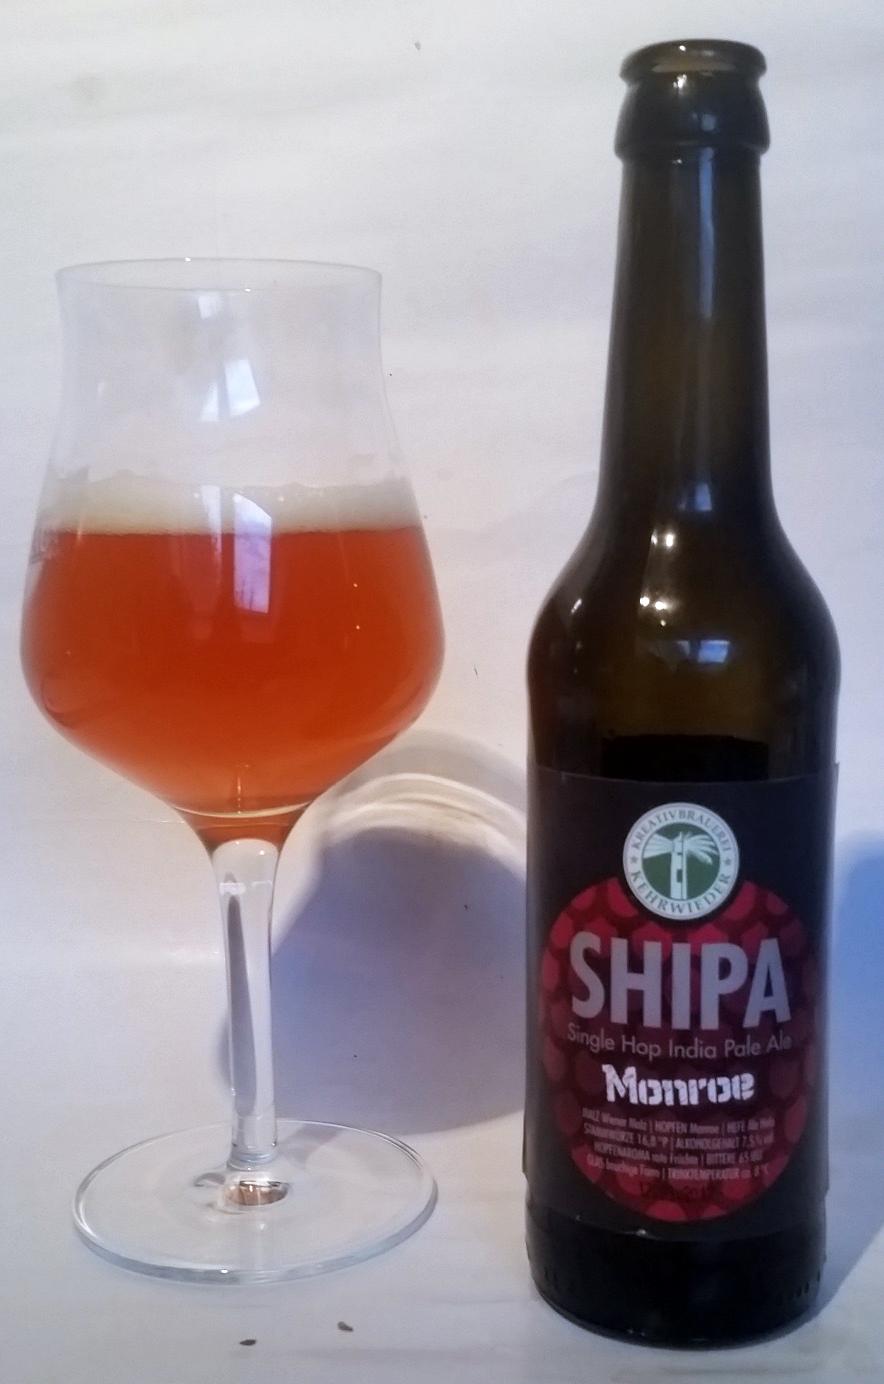 shipa monroe